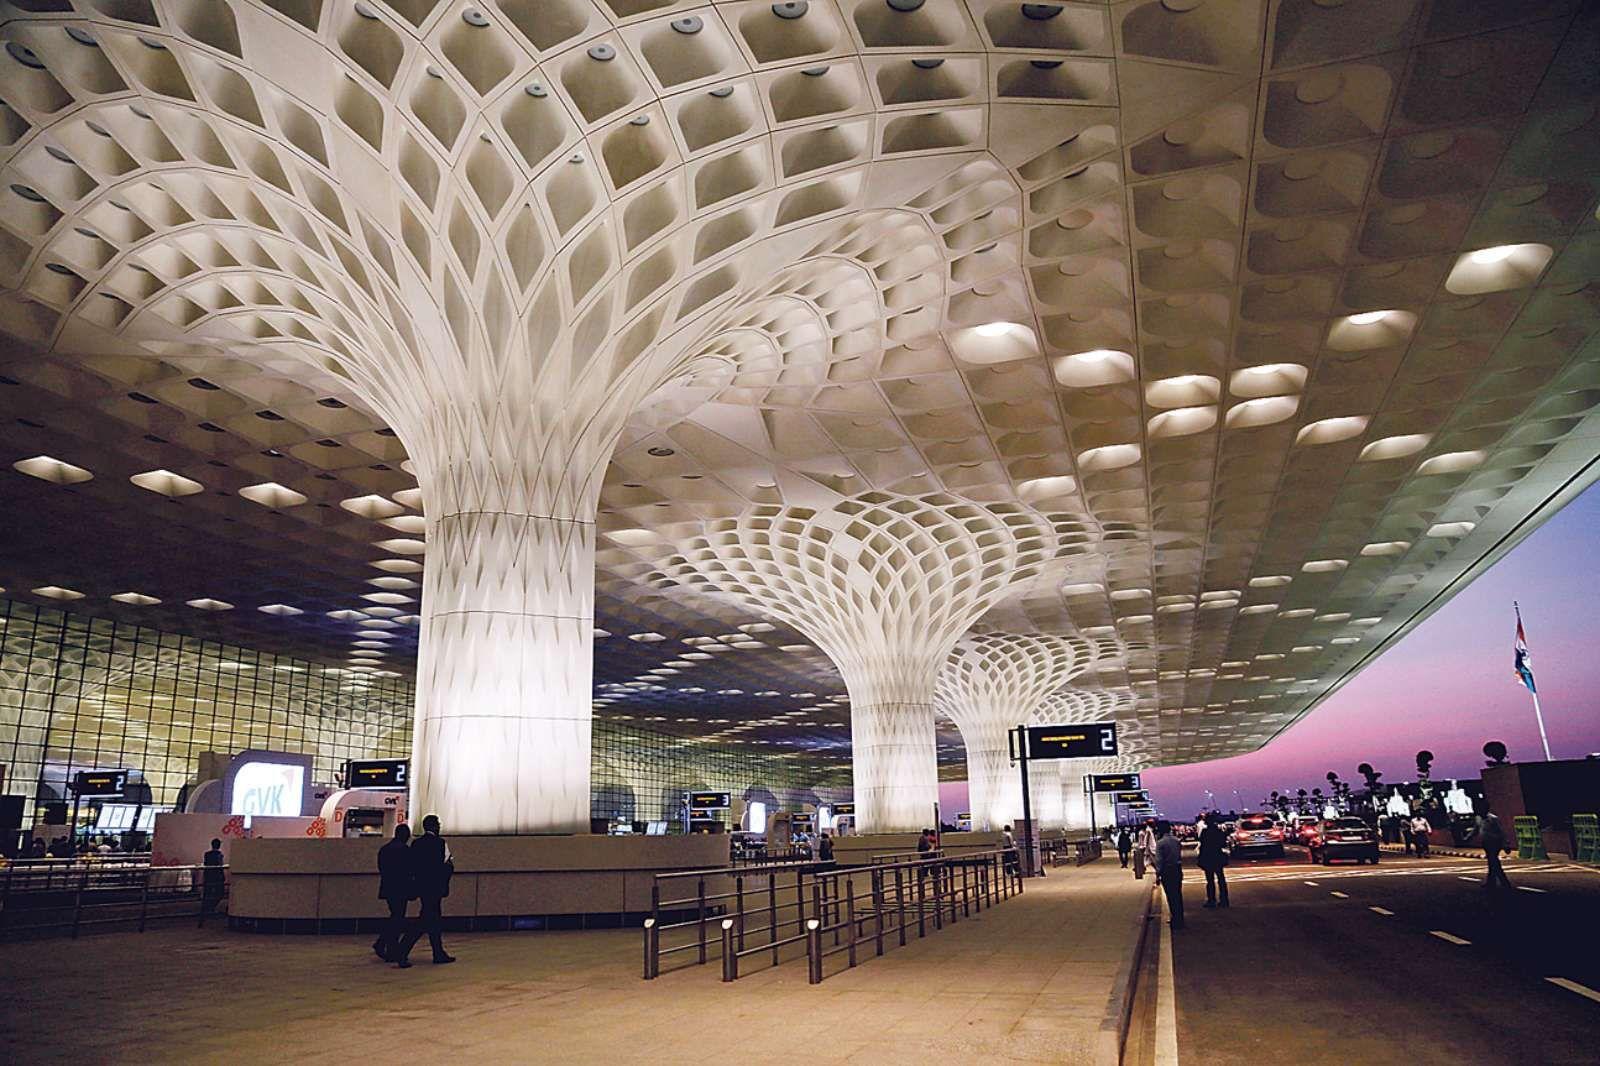 Chatrapati shivaji terminal pic